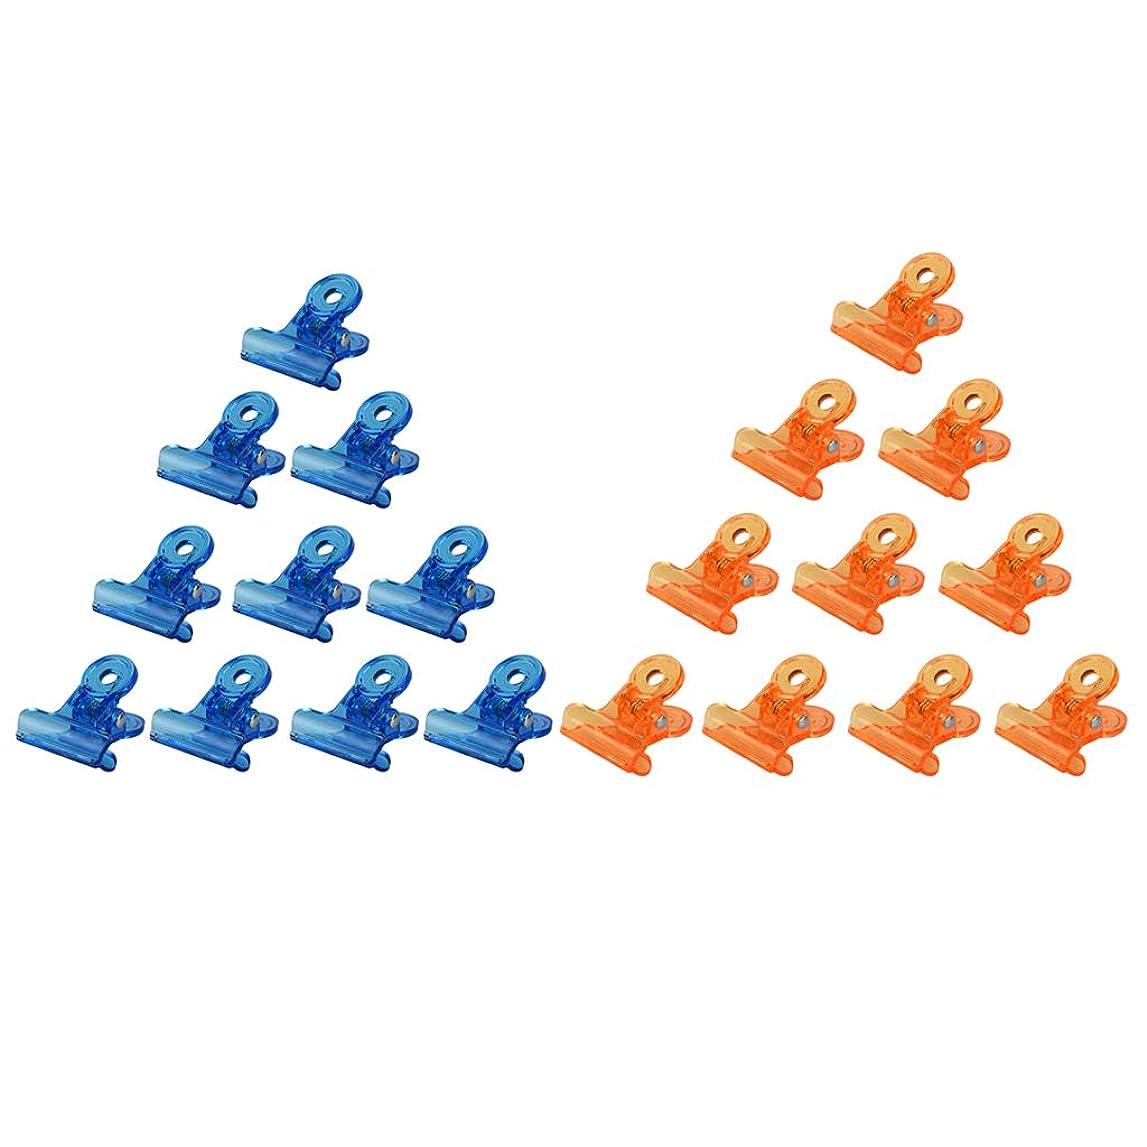 CUTICATE ネイルクリップ ネイルアート ジェルネイルポリッシュ クリーナー ネイルツール ネイルクリップ 全3種 - オレンジ+ブルー